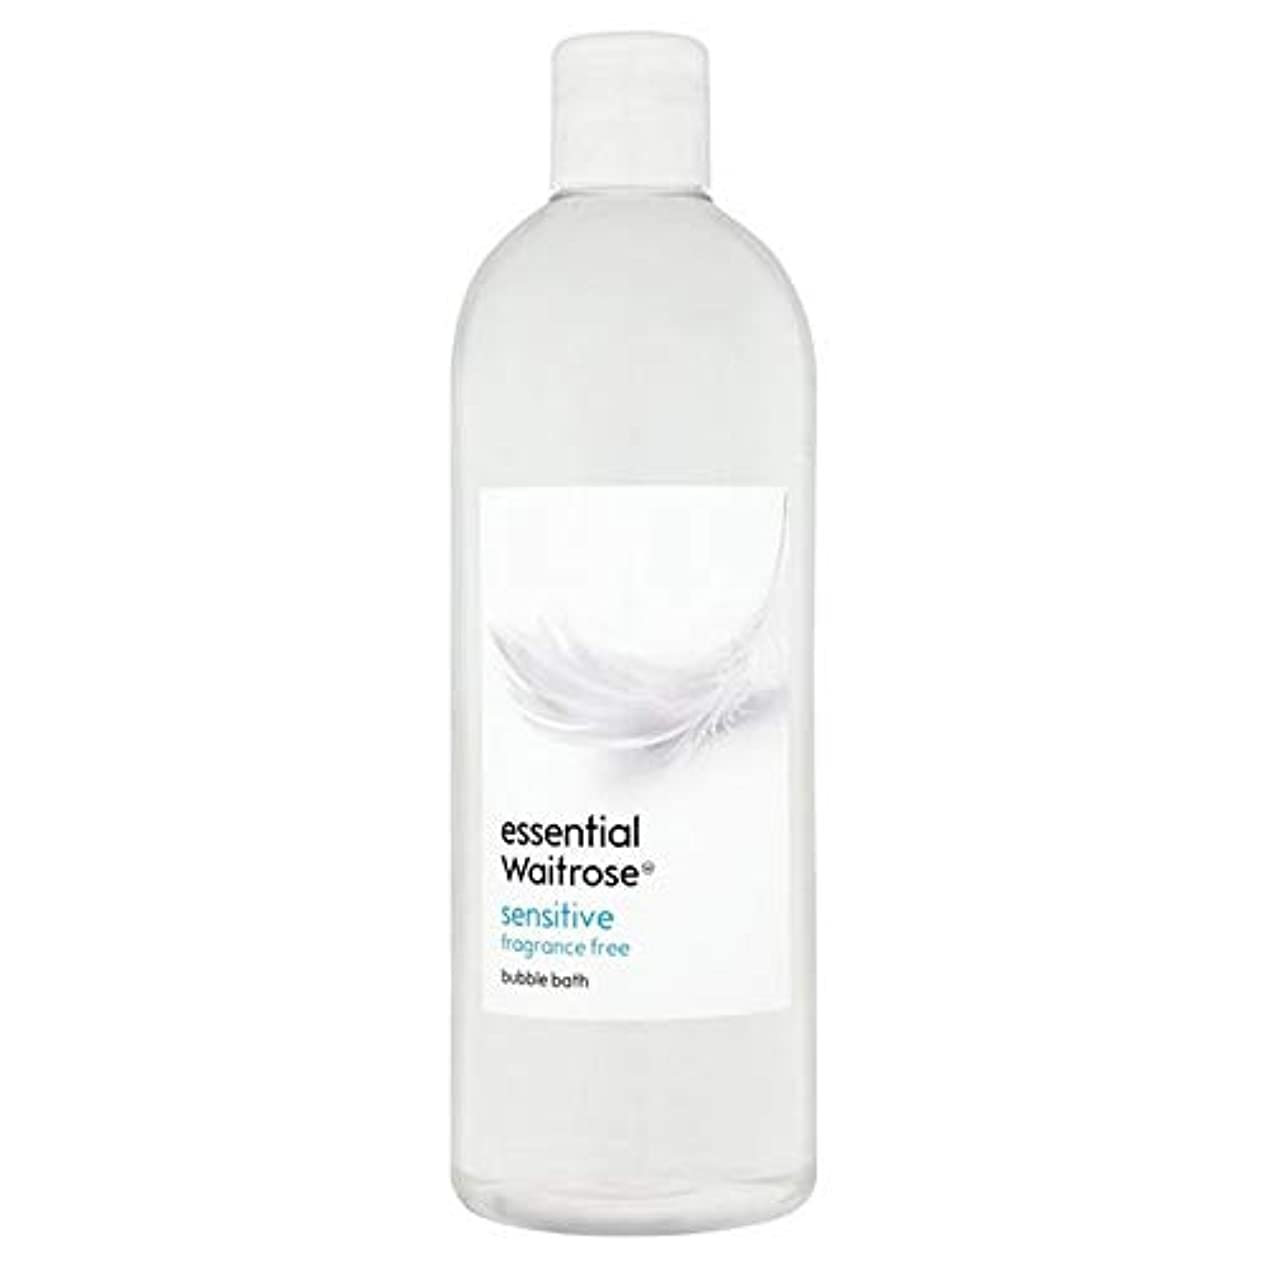 干ばつ説明する教室[Waitrose ] 基本的なウェイトローズ泡風呂に敏感な750ミリリットル - Essential Waitrose Bubble Bath Sensitive 750ml [並行輸入品]